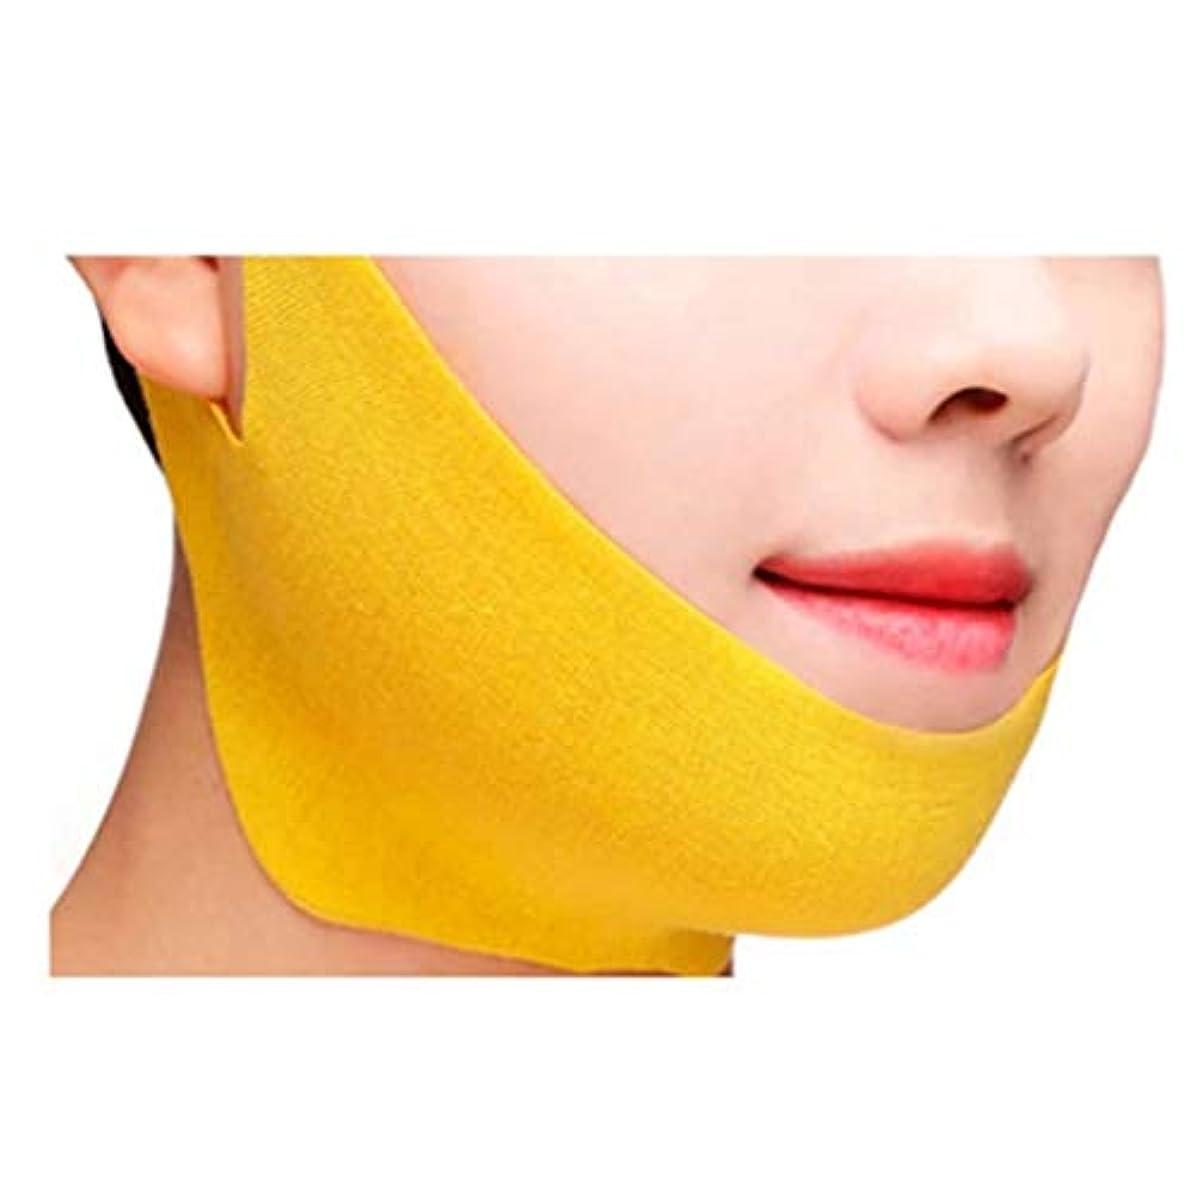 仮装トマト落ち着いてハニーハンギングイヤーVフェイスマスク、リフティングアンドファーミング、シェイピングVフェイス、インプルービングネックライン、10ピース/ボックス、薄型フェイスマスク2ボックス/ 4ボックス (Color : 4 Boxes)